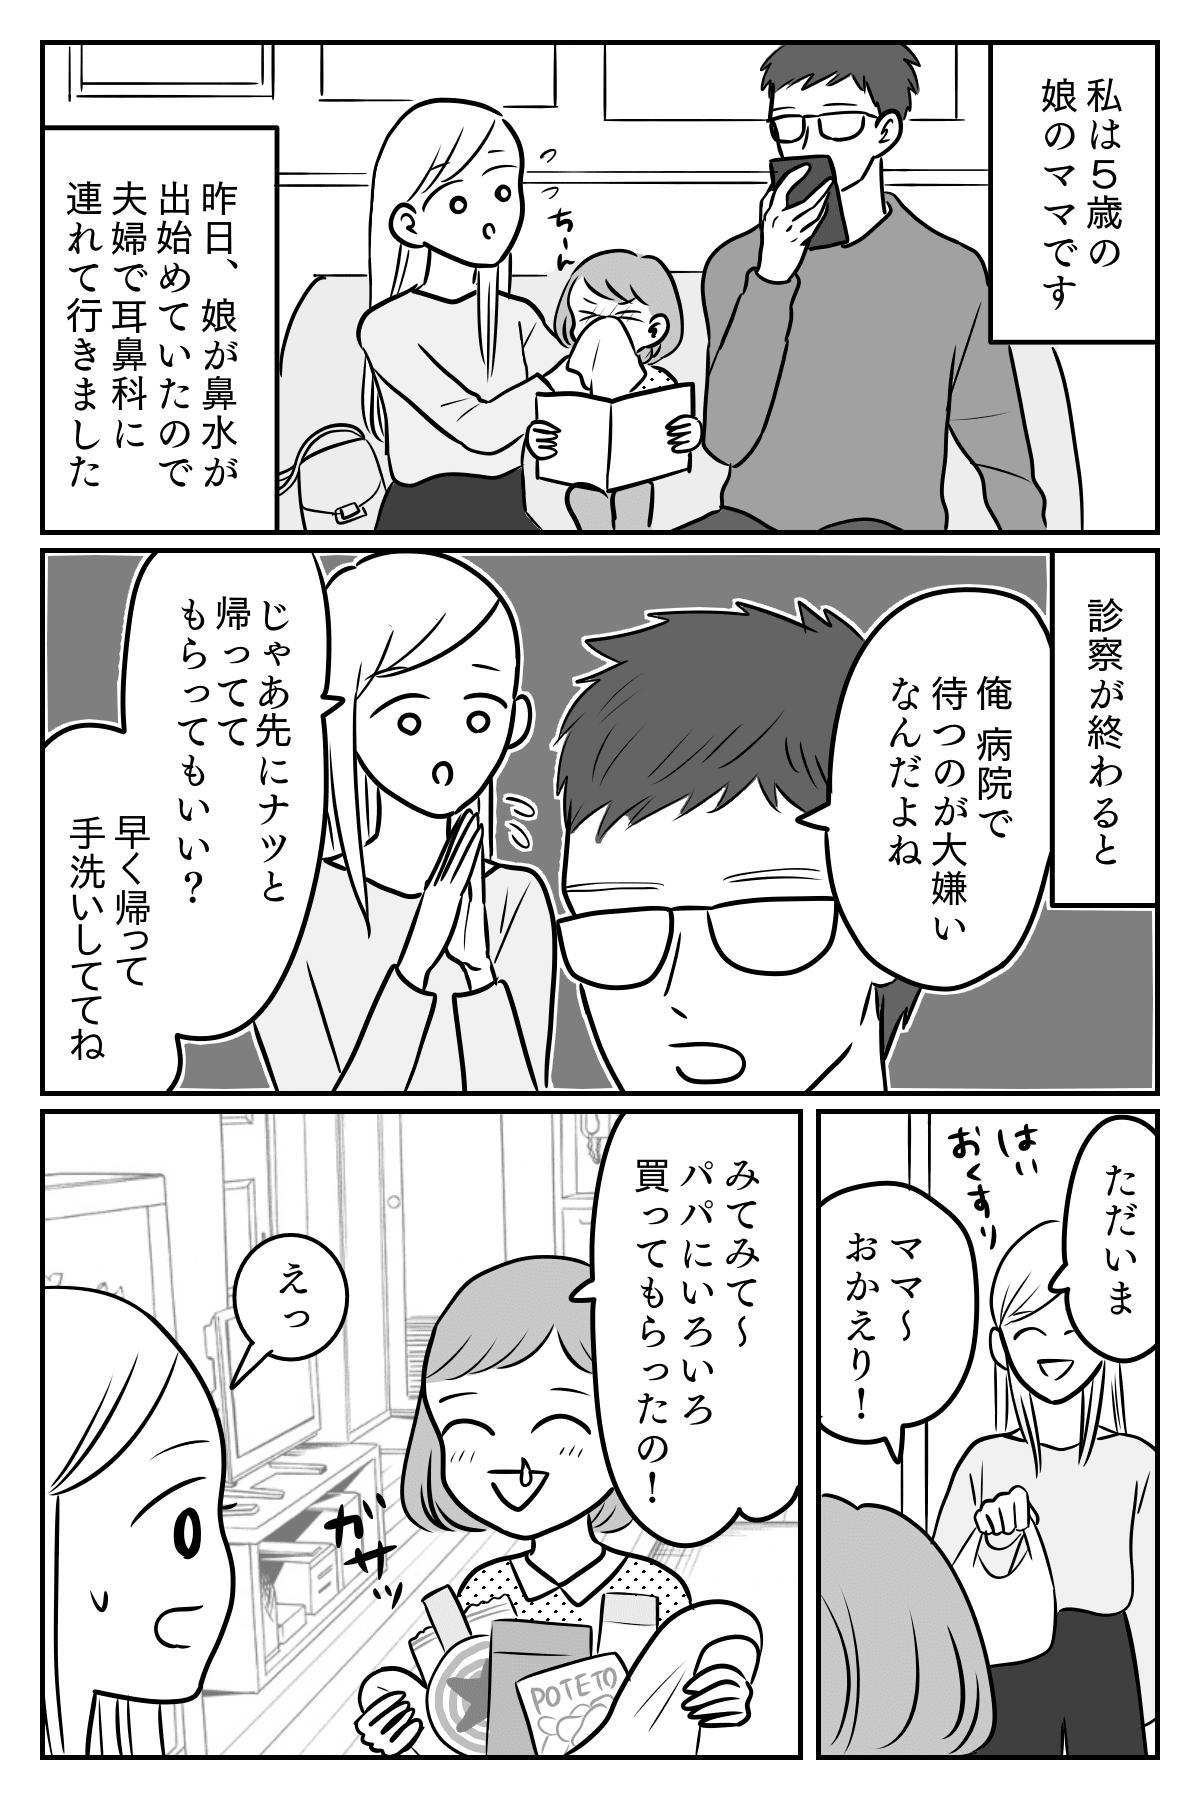 耳鼻科1-1